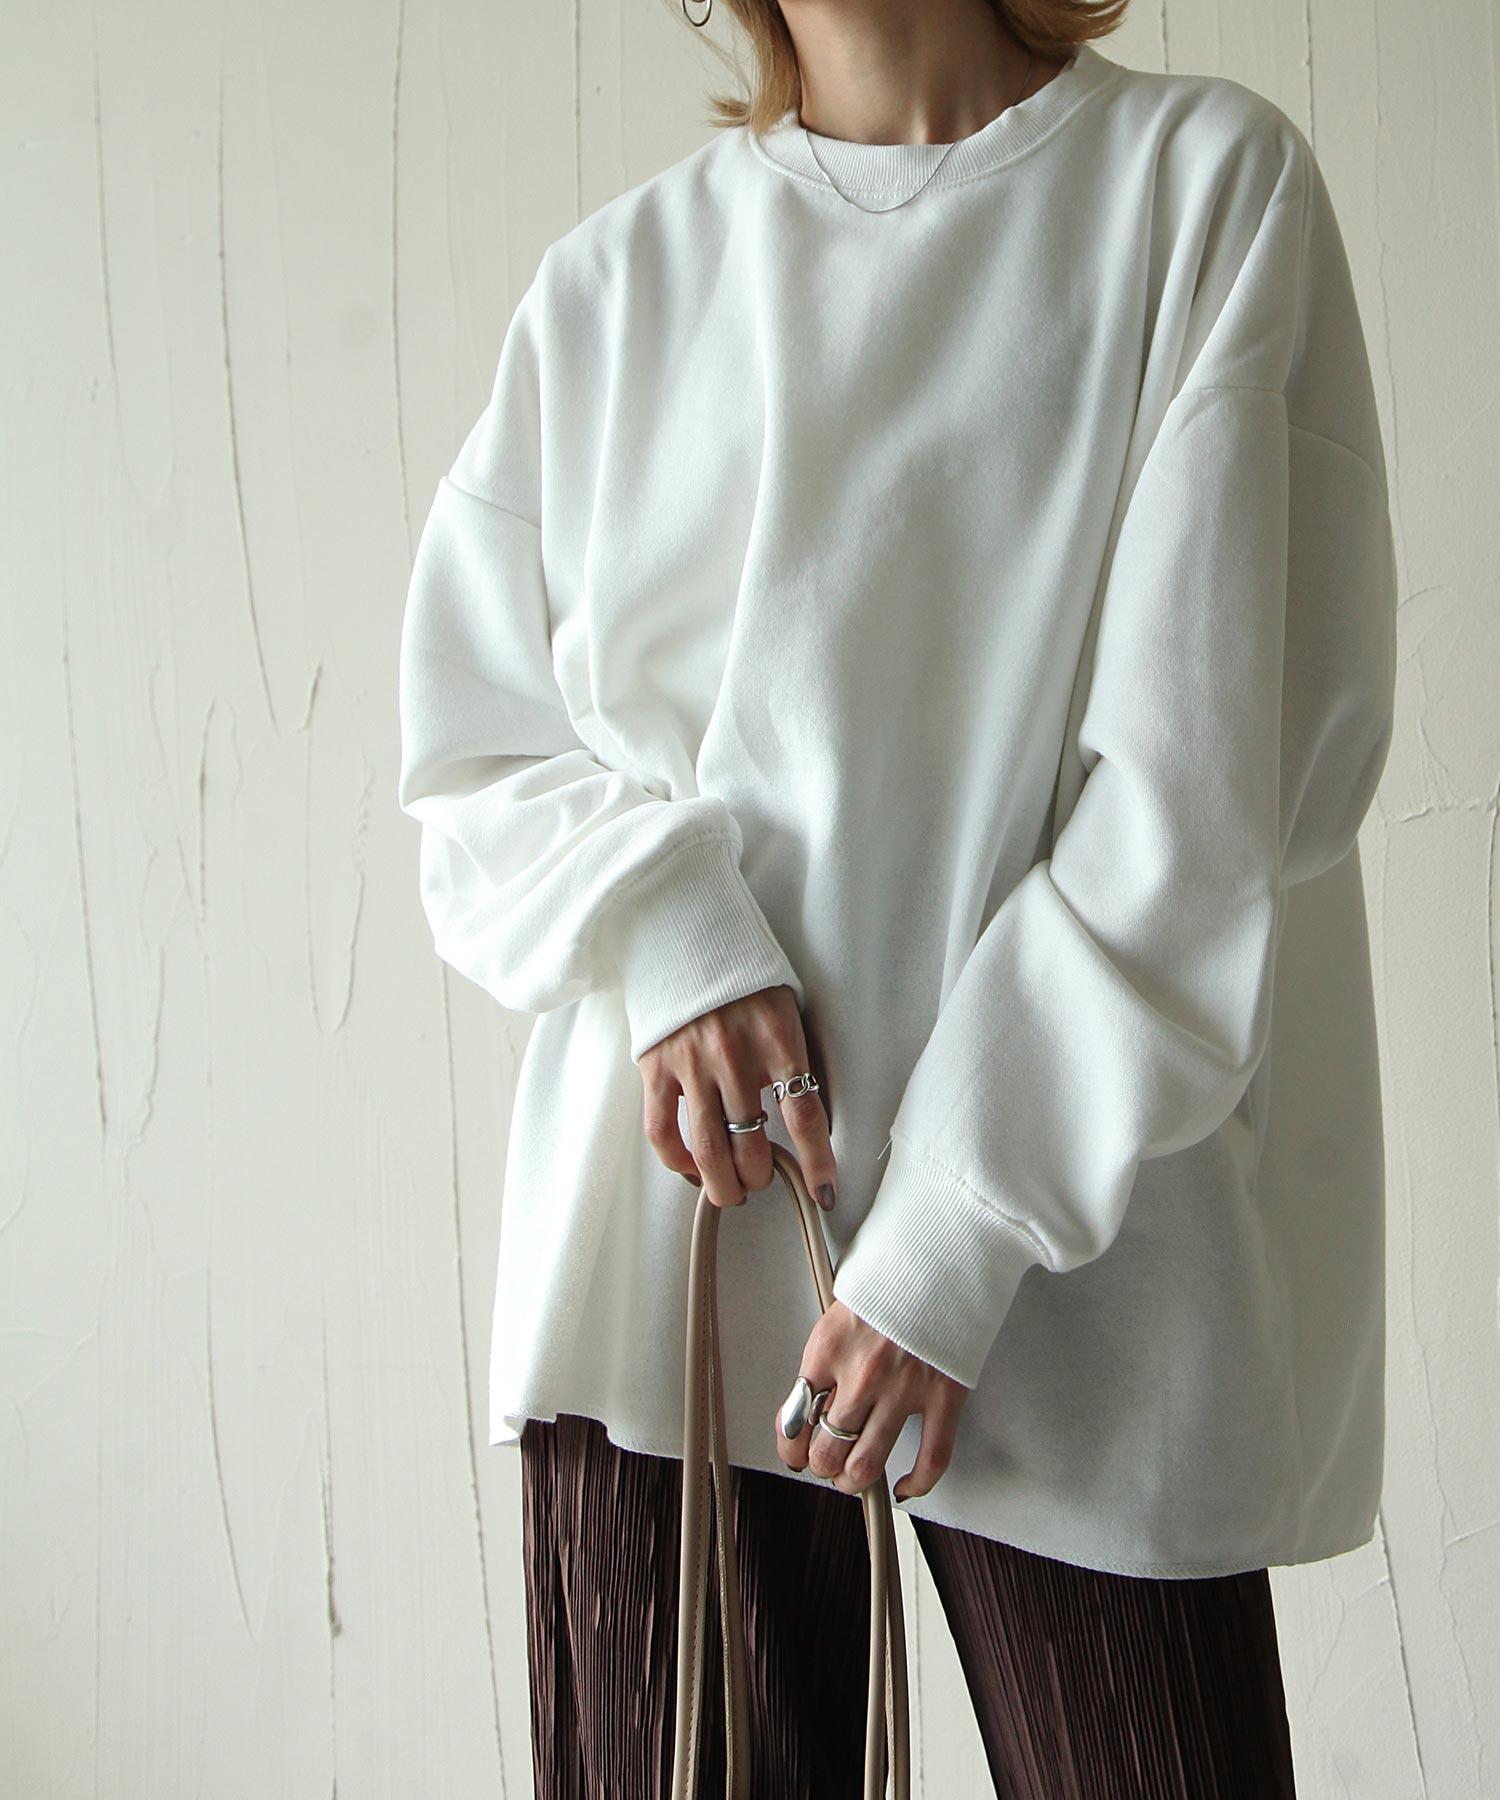 【Chillfar】內刷毛後衣襬開岔運動衫 寬版 OVERSIZE 4